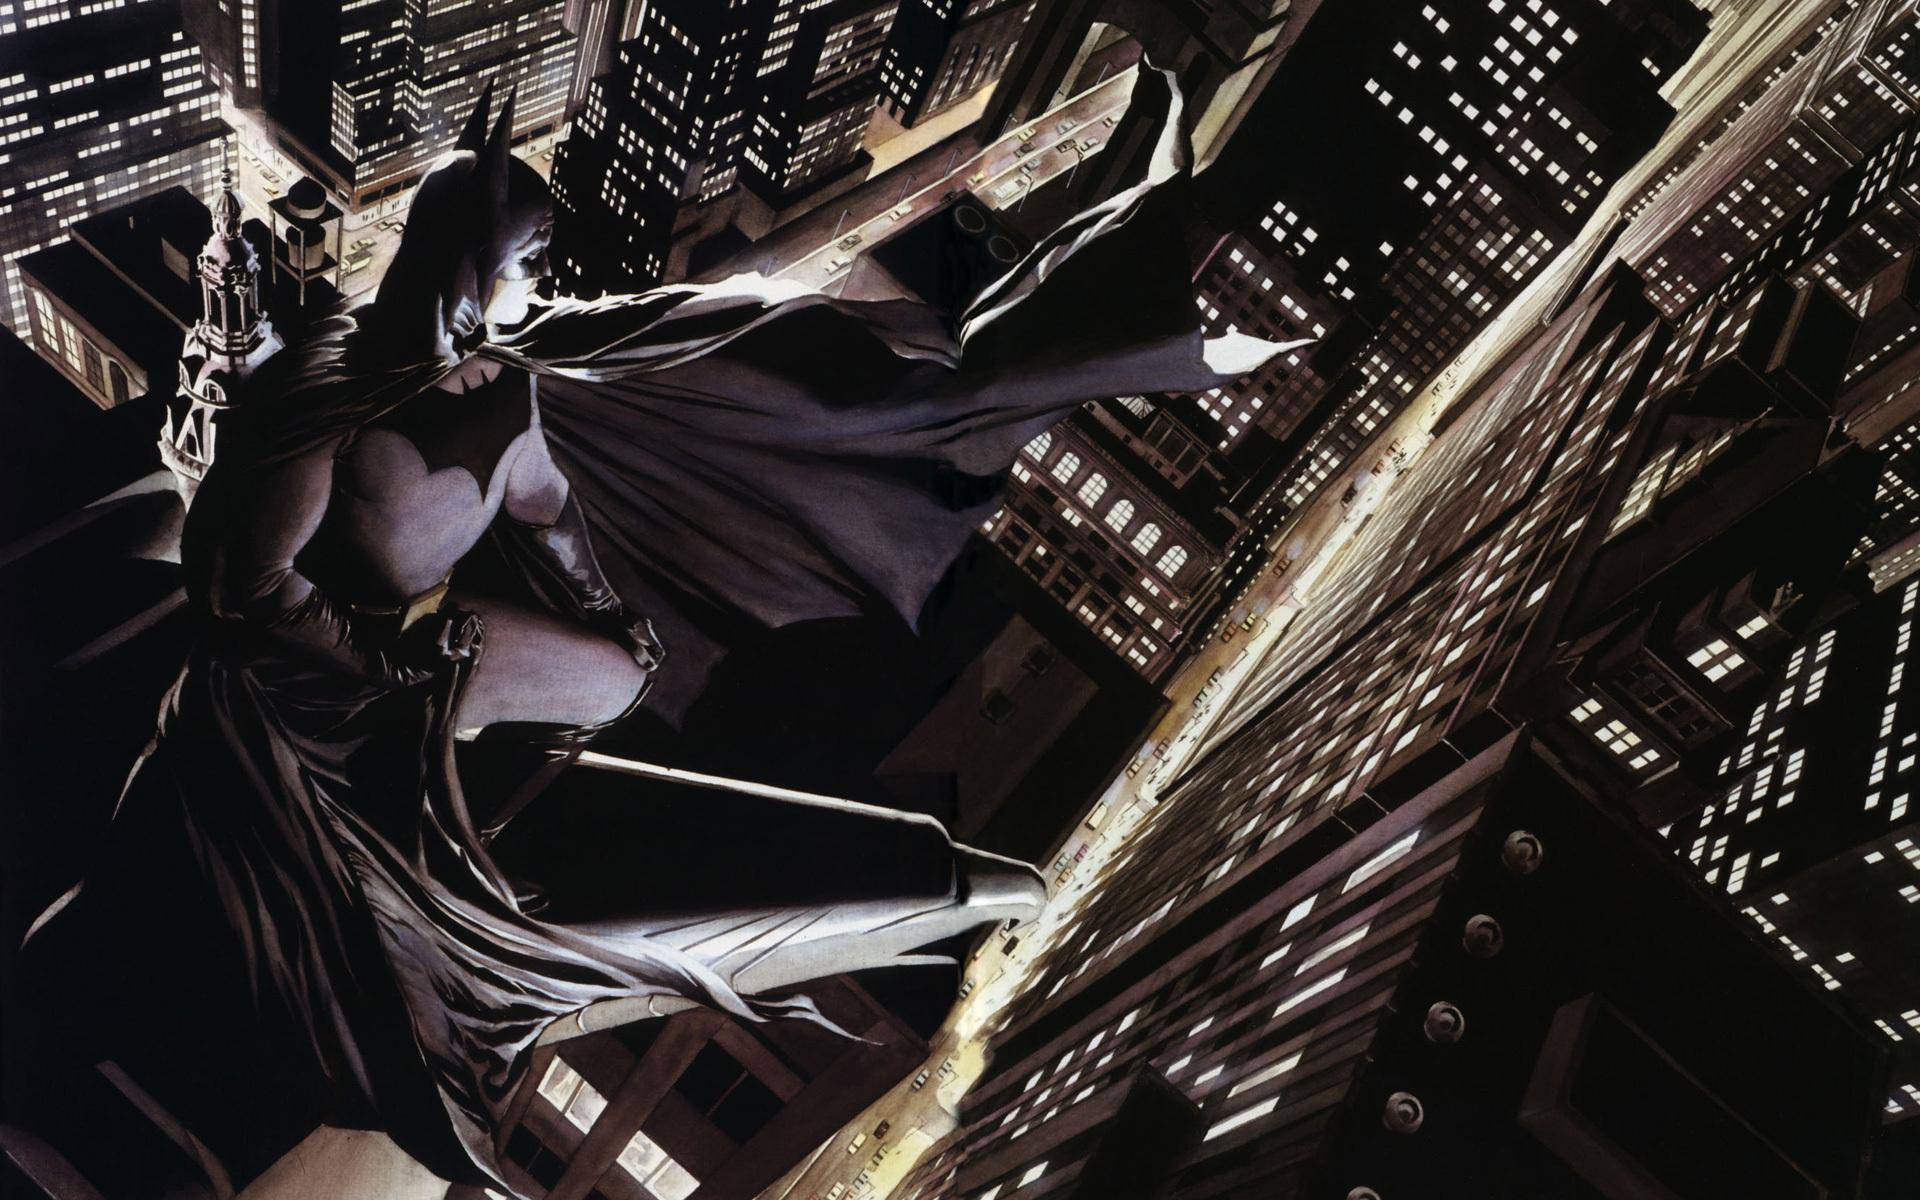 Batman desktop wallpaper 1920x1200